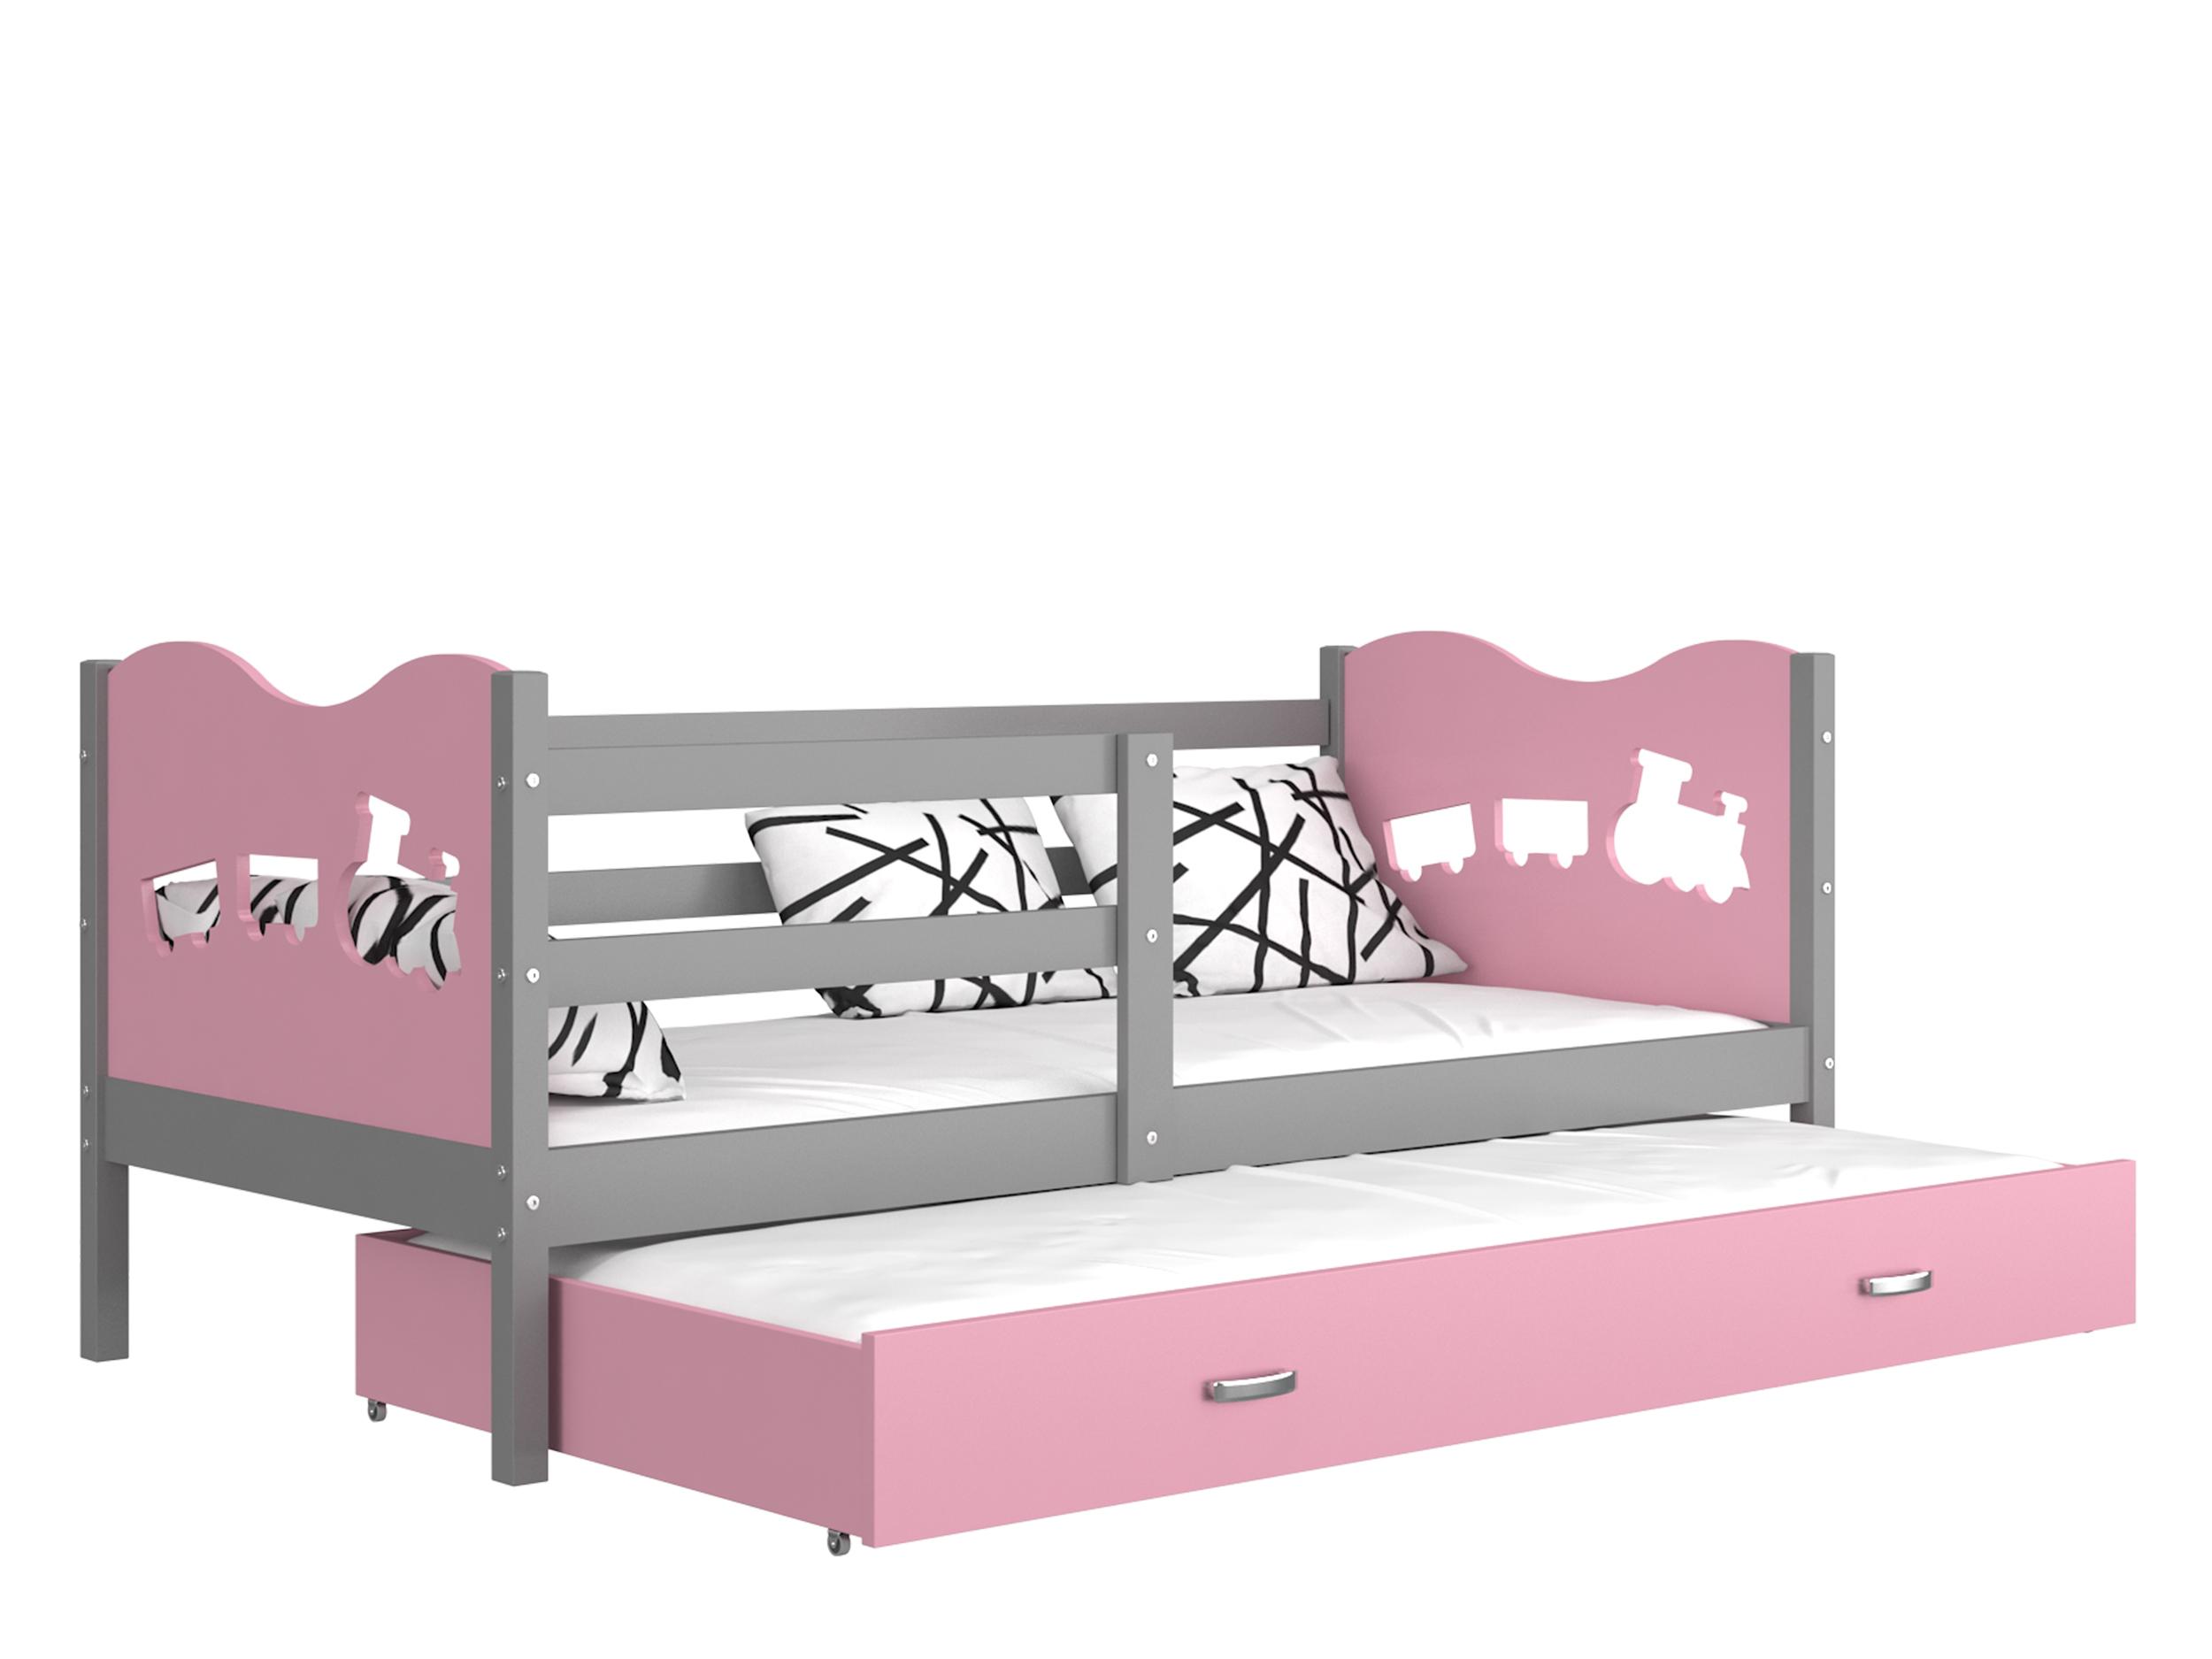 ArtAJ Detská posteľ MAX P2 / MDF 200 x 90 cm Farba: sivá / ružová 200 x 90 cm, s matracom